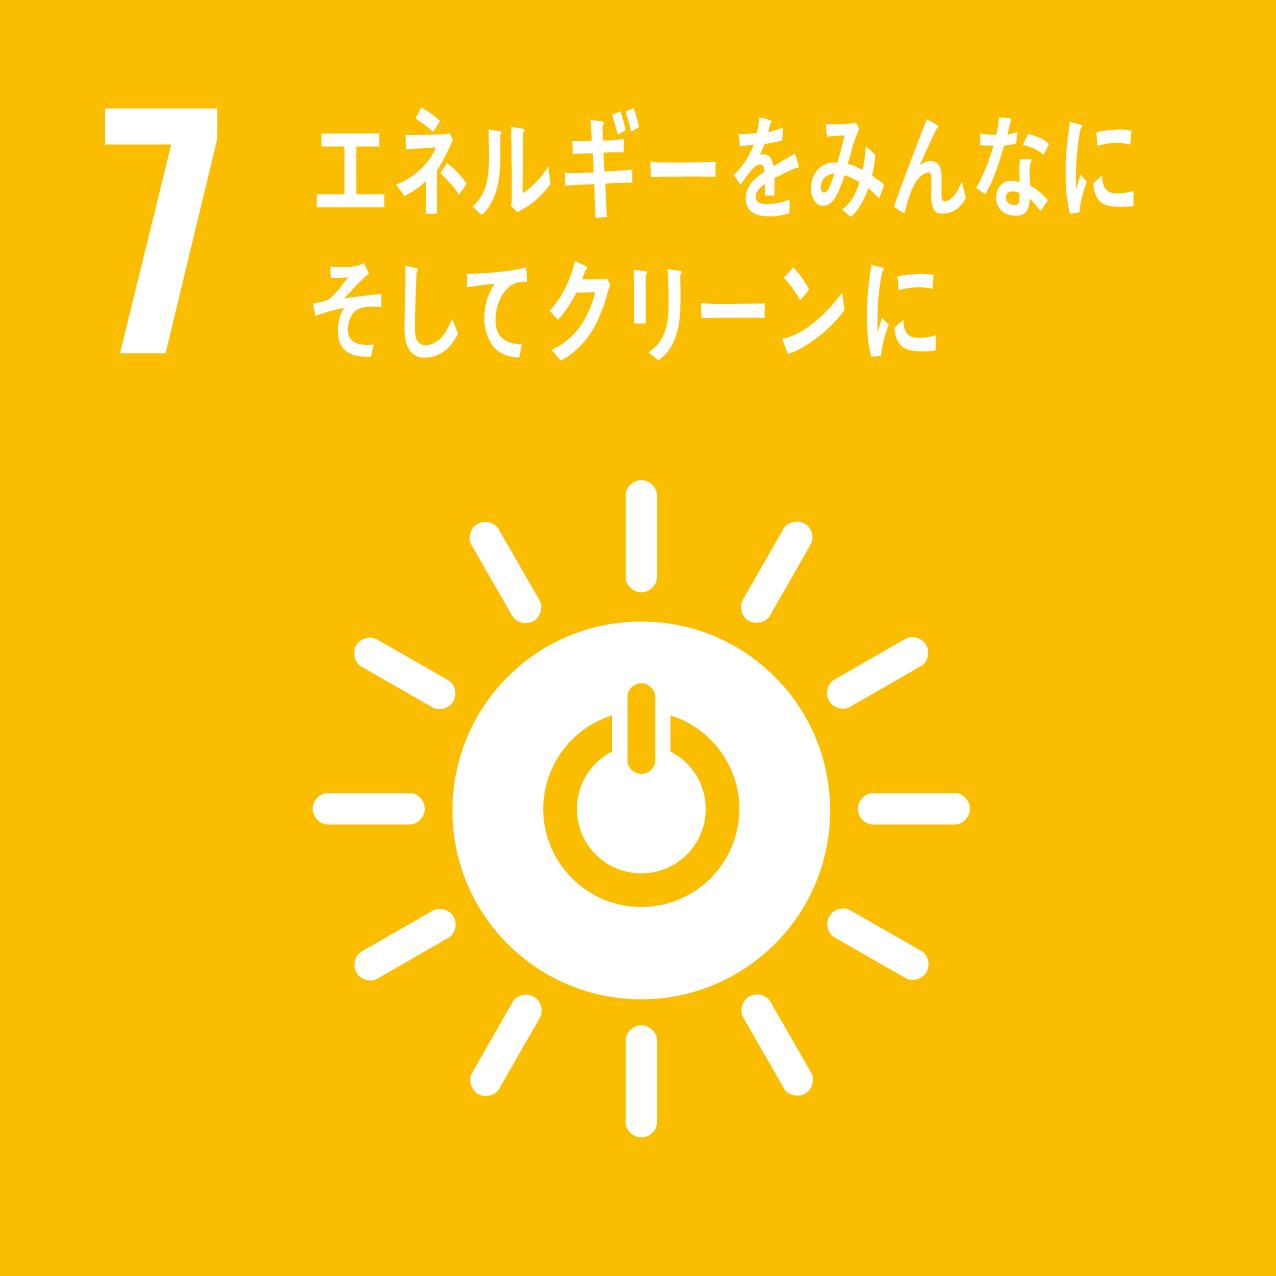 7.エネルギー